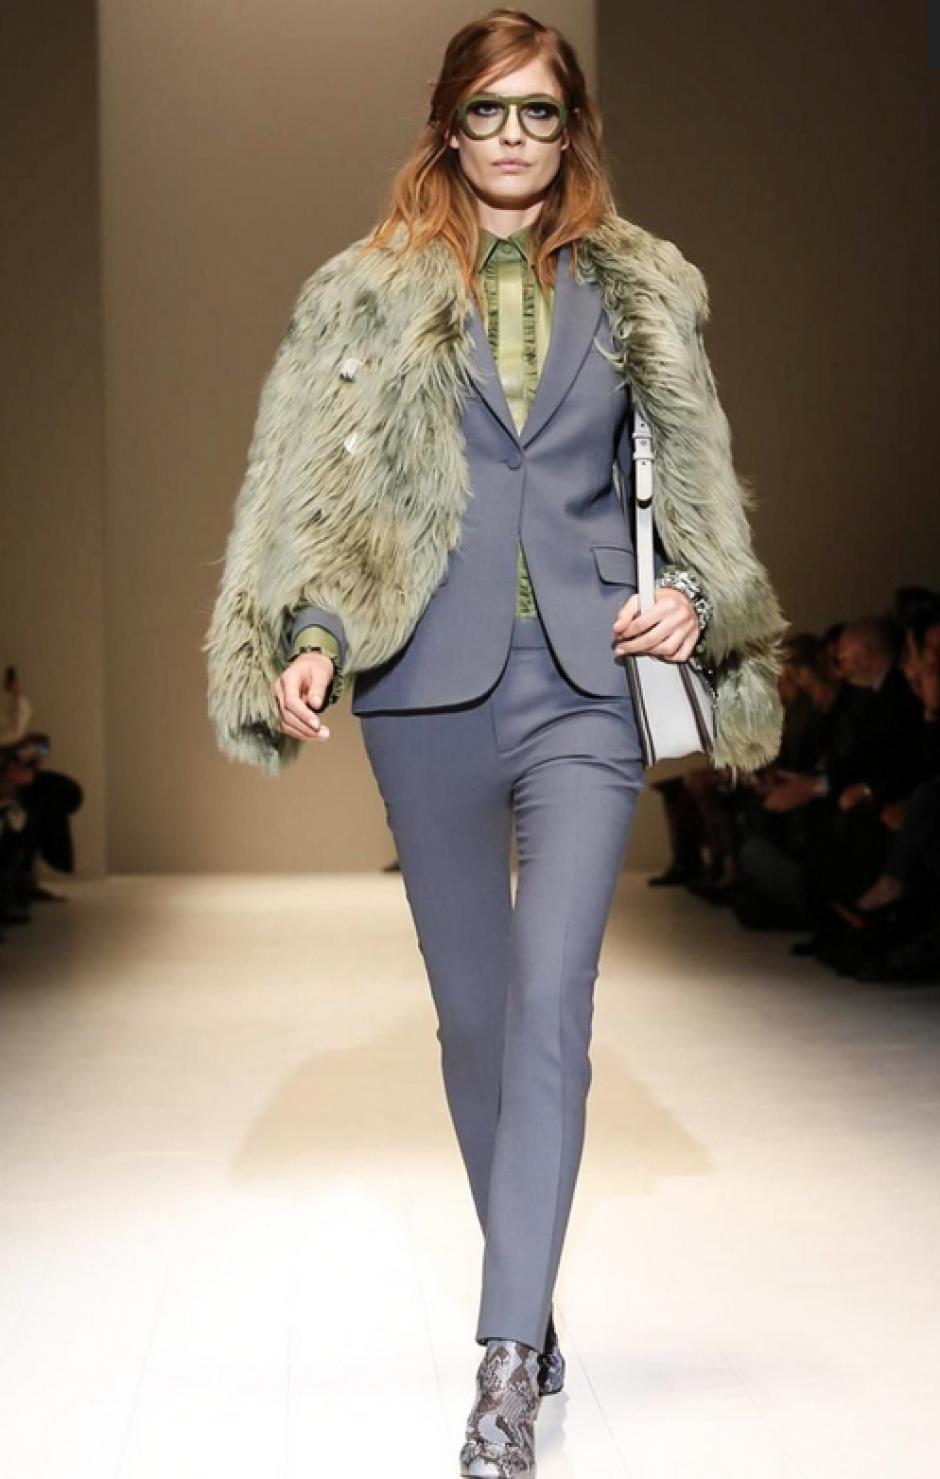 Pantalones pegados, que asemejan el corte masculino son la propuesta de Gucci. (Foto: NowFashion)